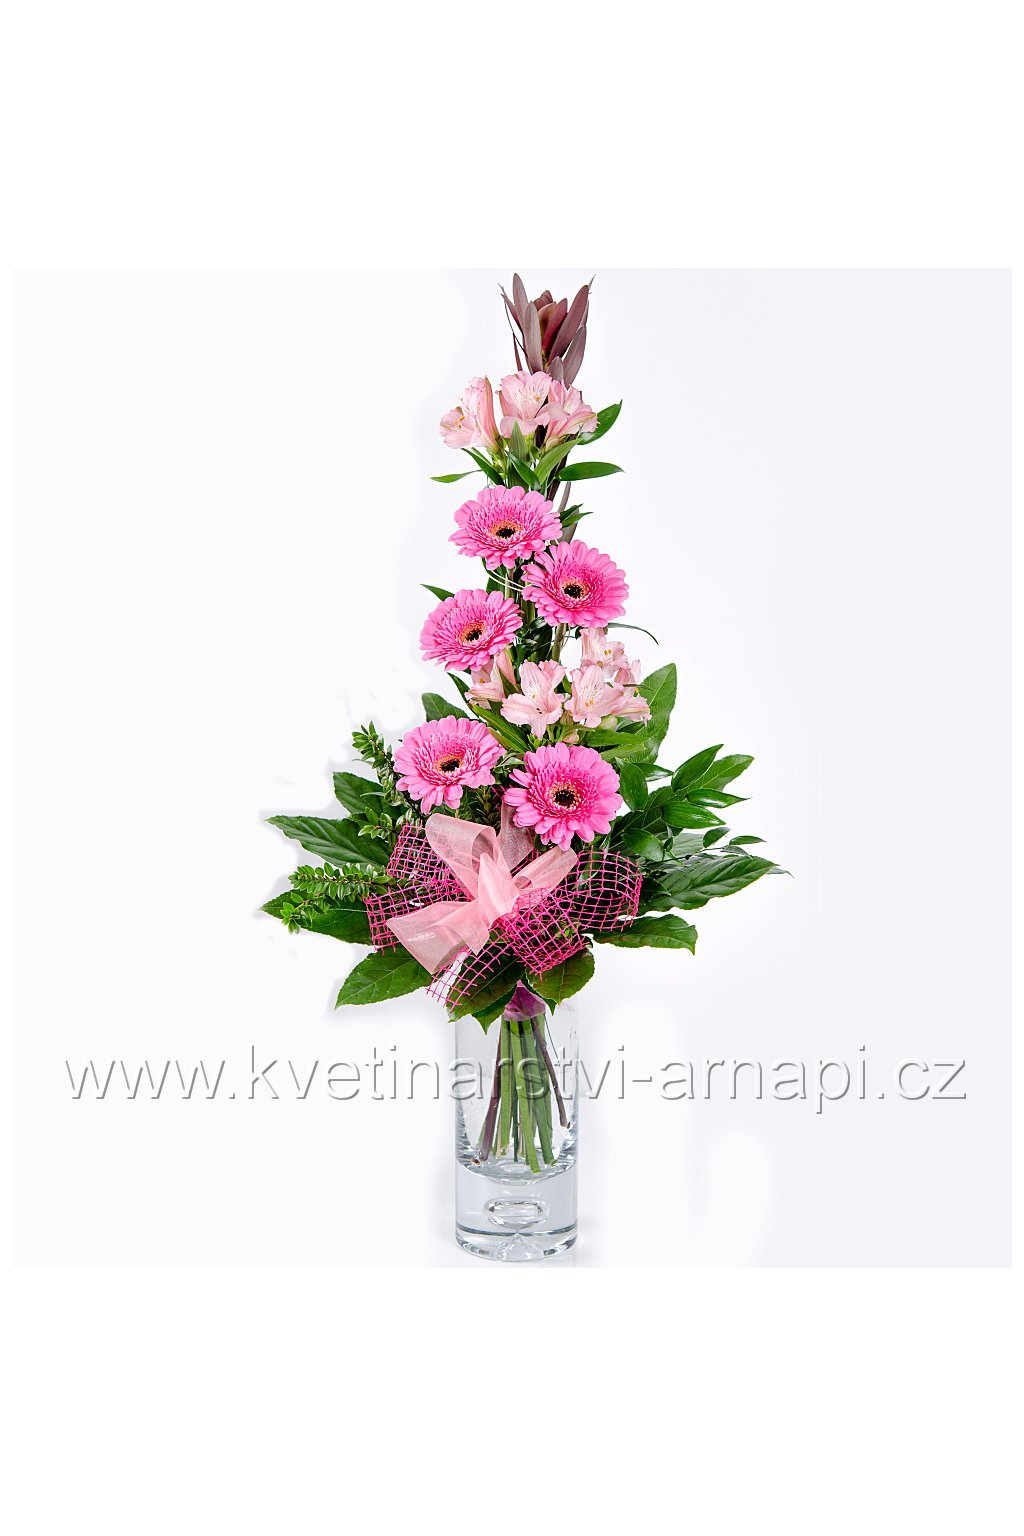 darkova kytice gerbery on line kvetinarstvi arnapi